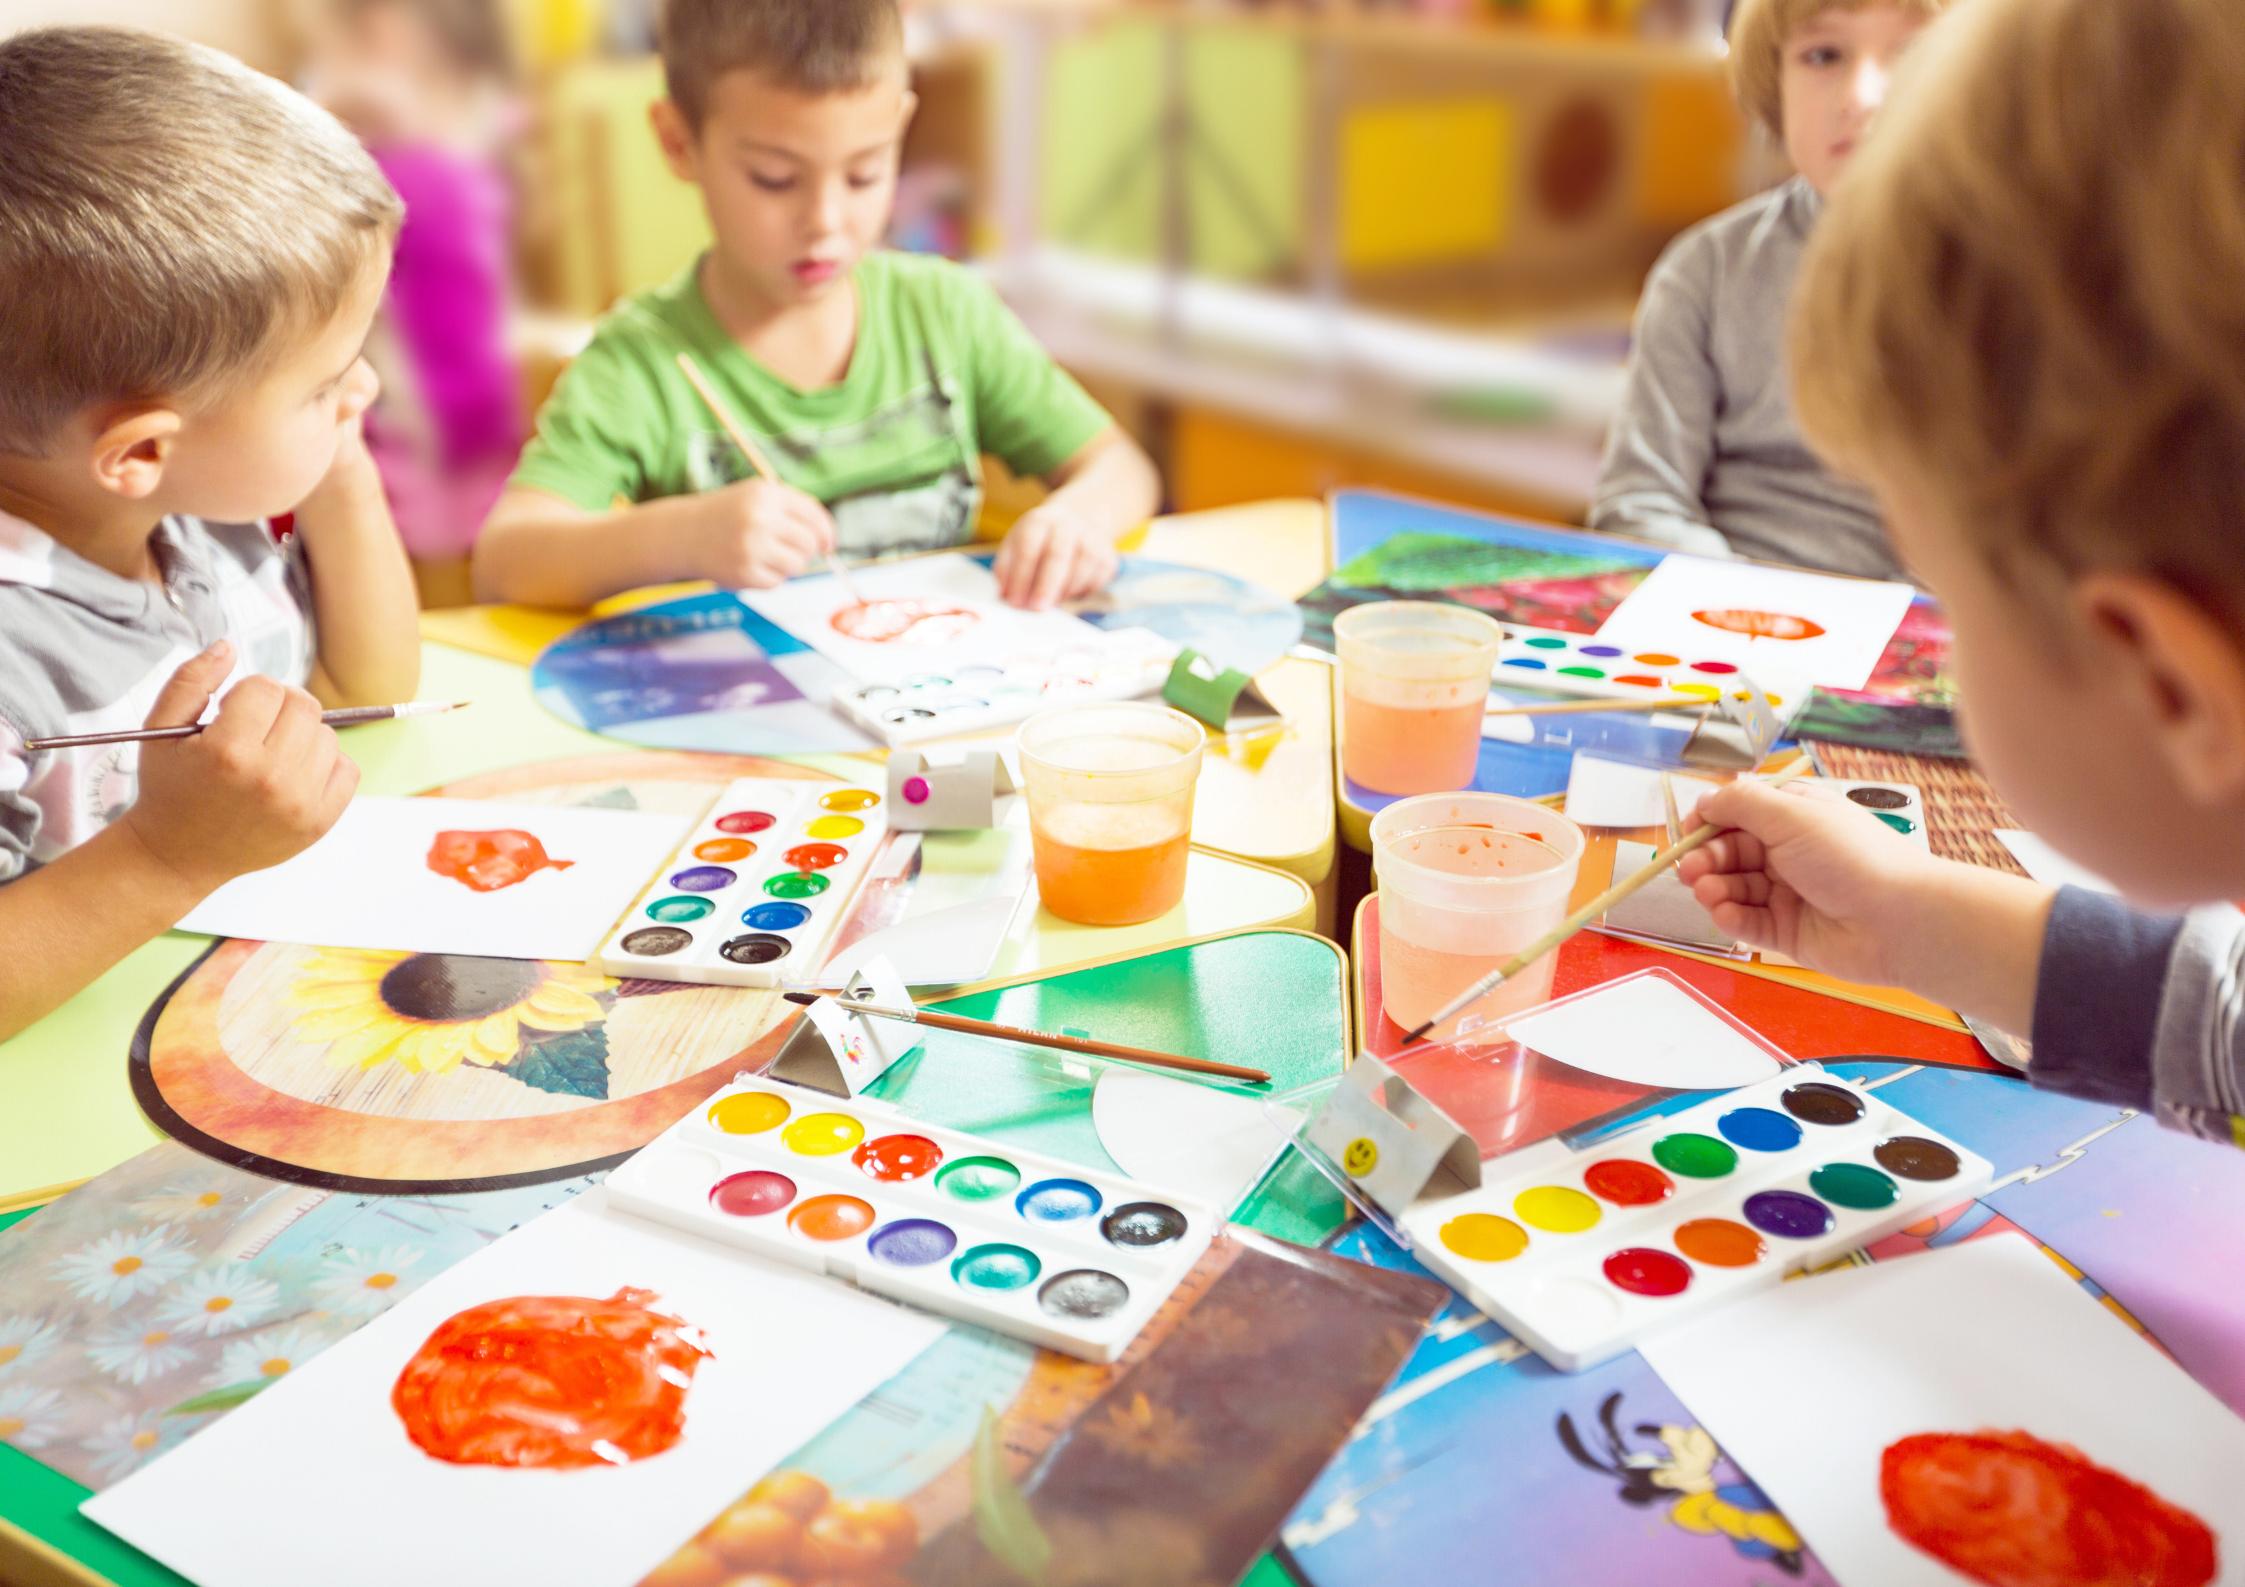 juegos de pintar para ninos